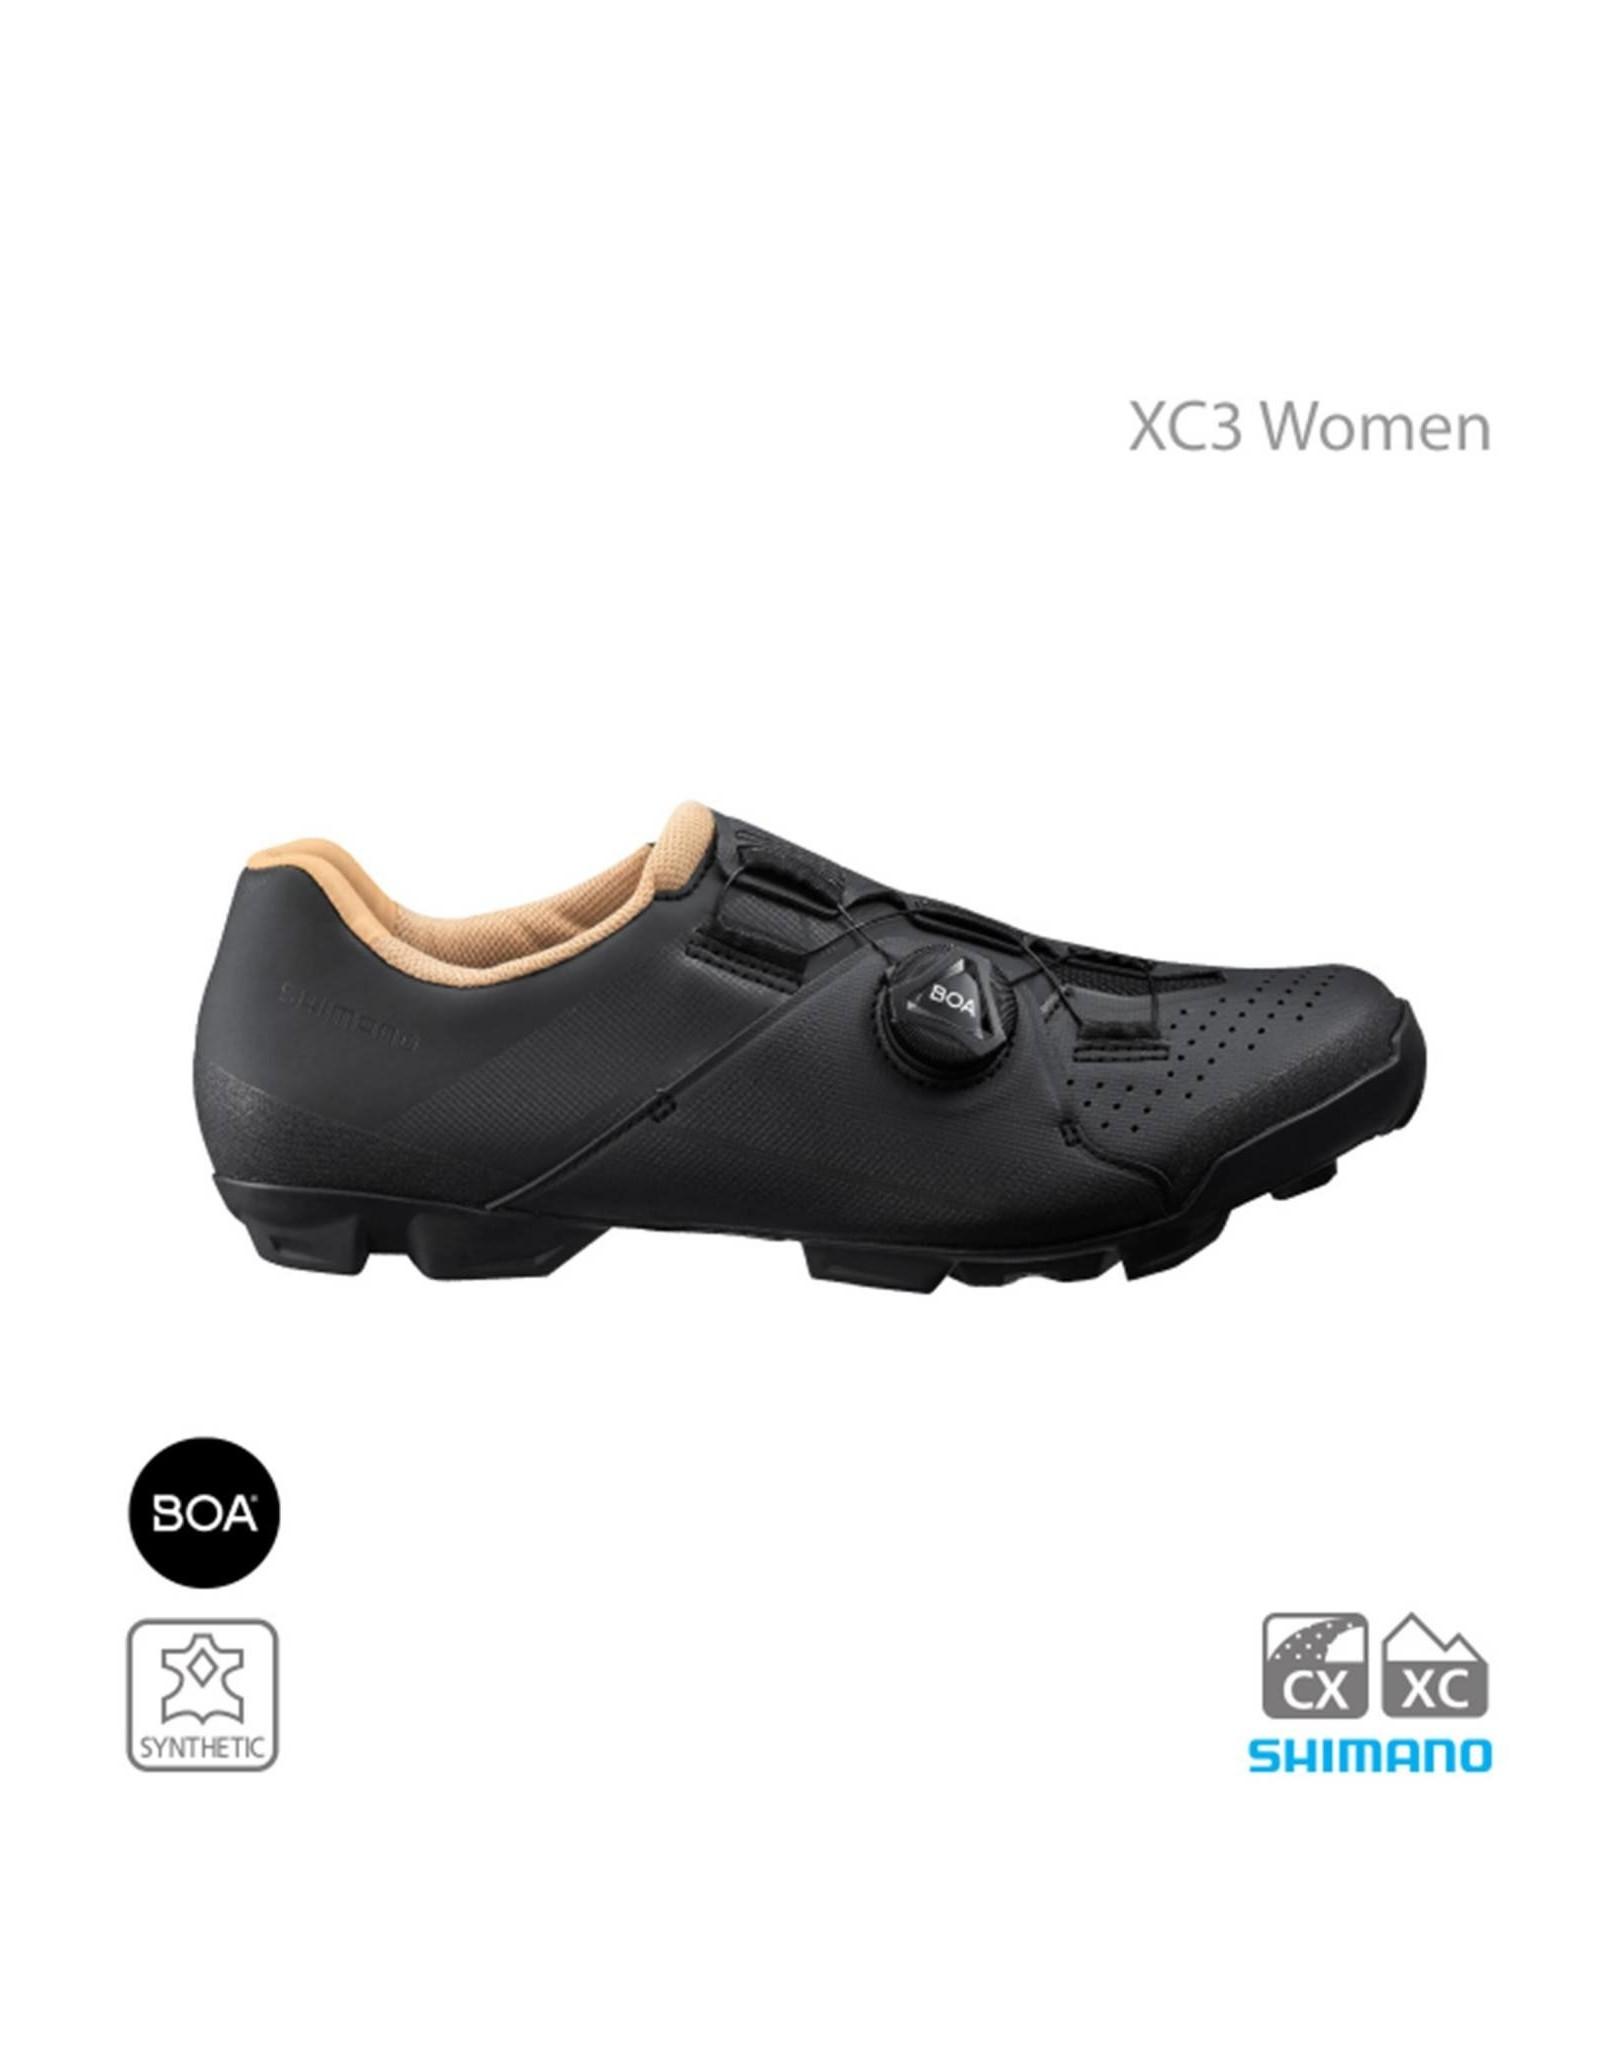 Shimano XC-300 Womens Mountainbike Shoe MY21